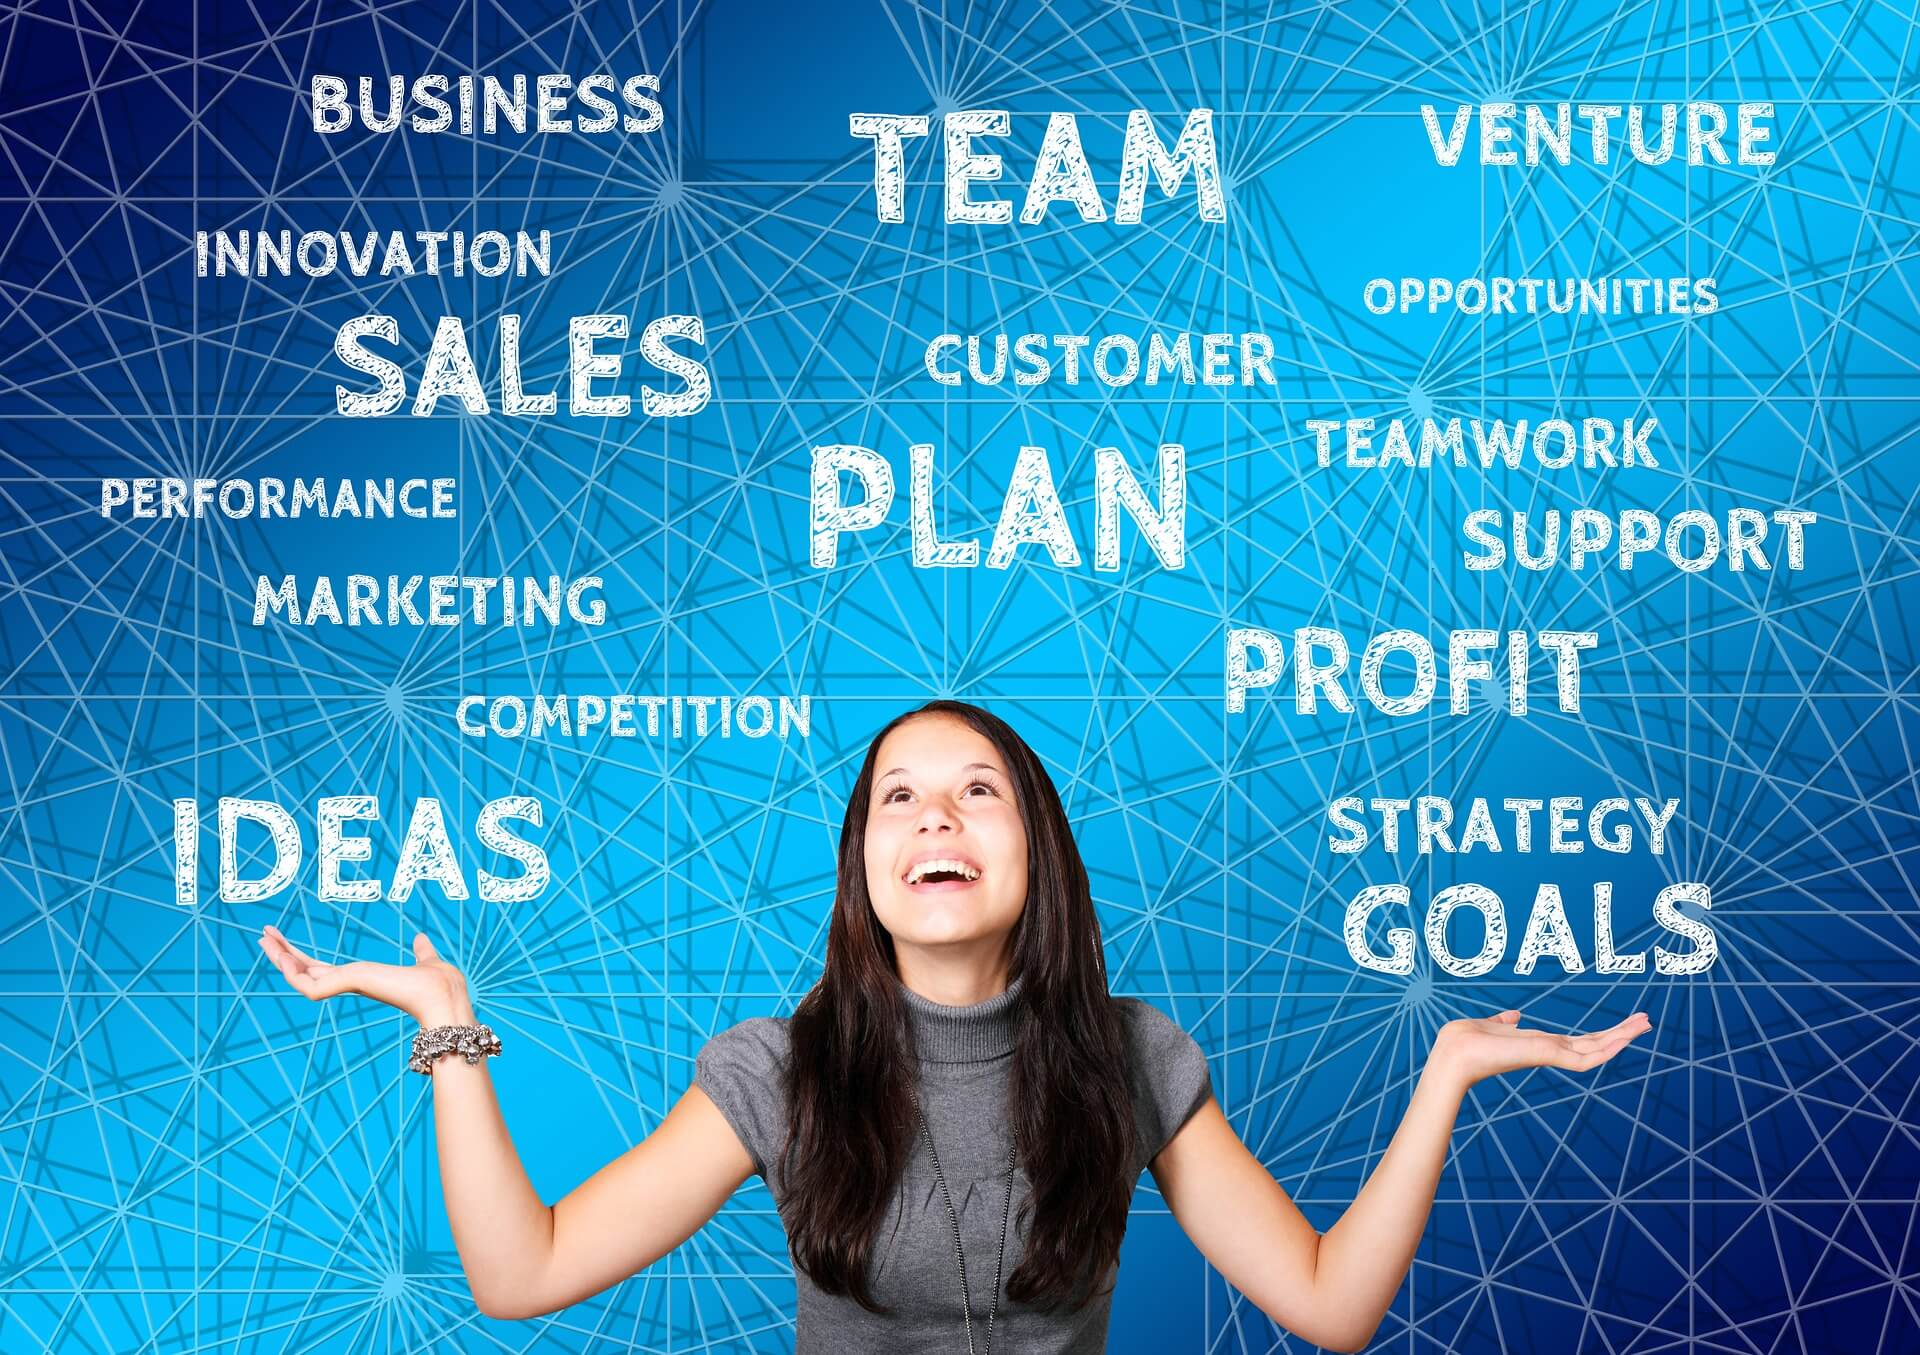 Se deben implementar varias estrategias de marketing